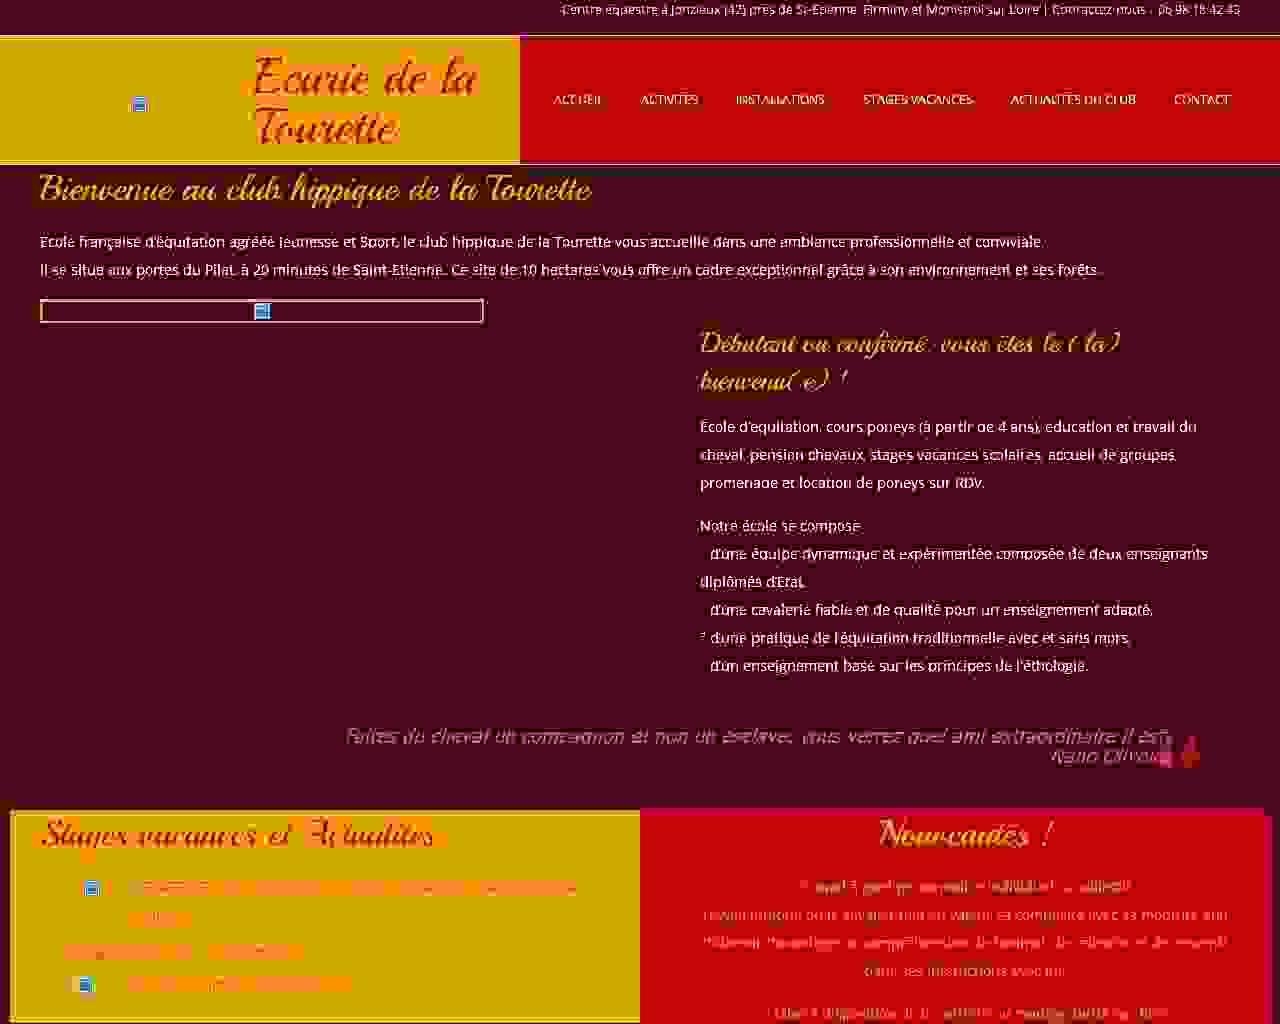 Visuel du site Club hippique La Tourette